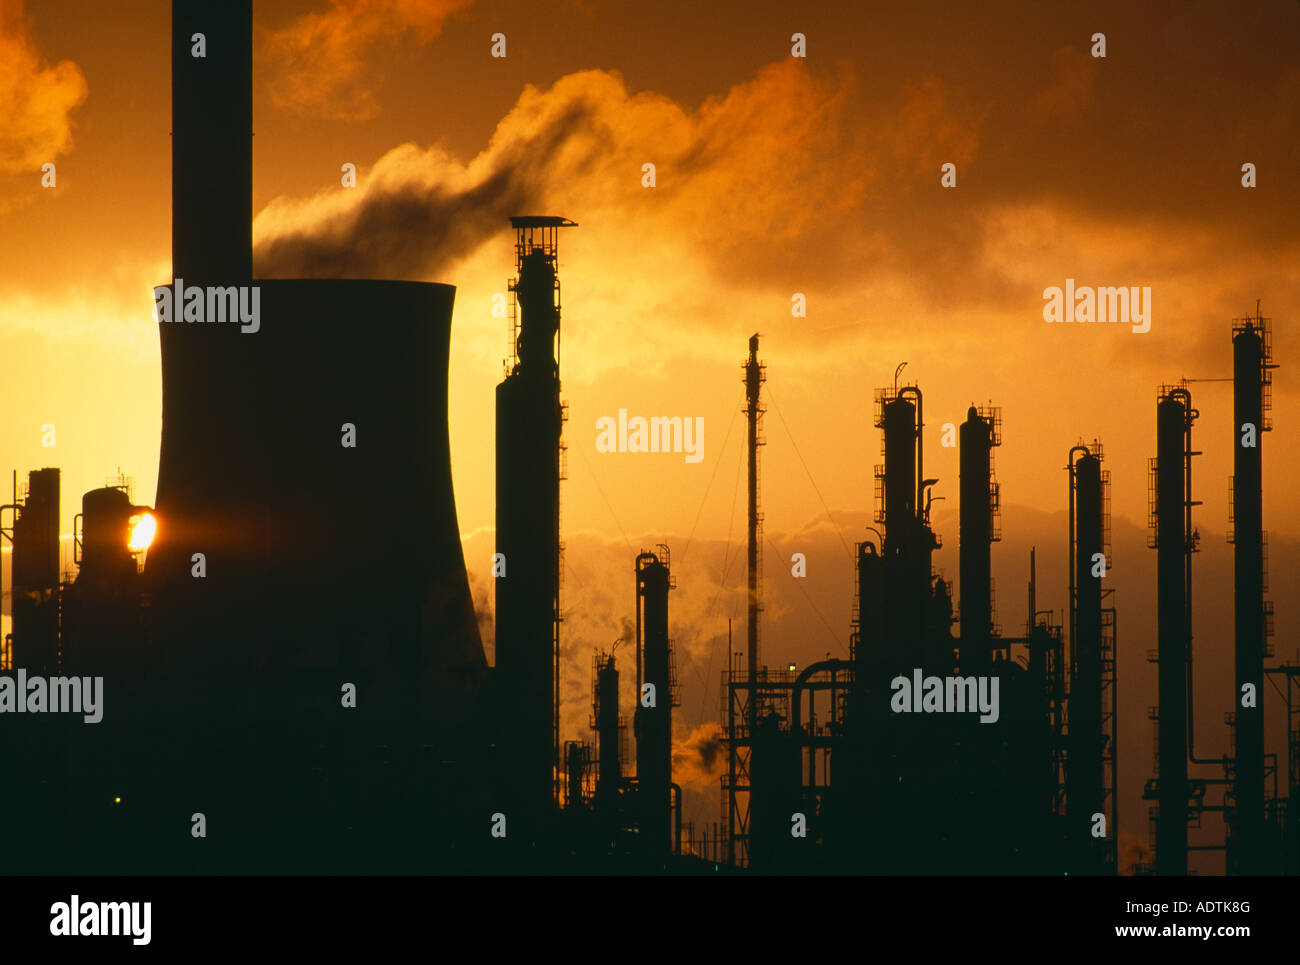 Umweltverschmutzung, globale Erwärmung Aufstoßen Schornsteine in einer Chemiefabrik Port Talbot Wales Stockbild